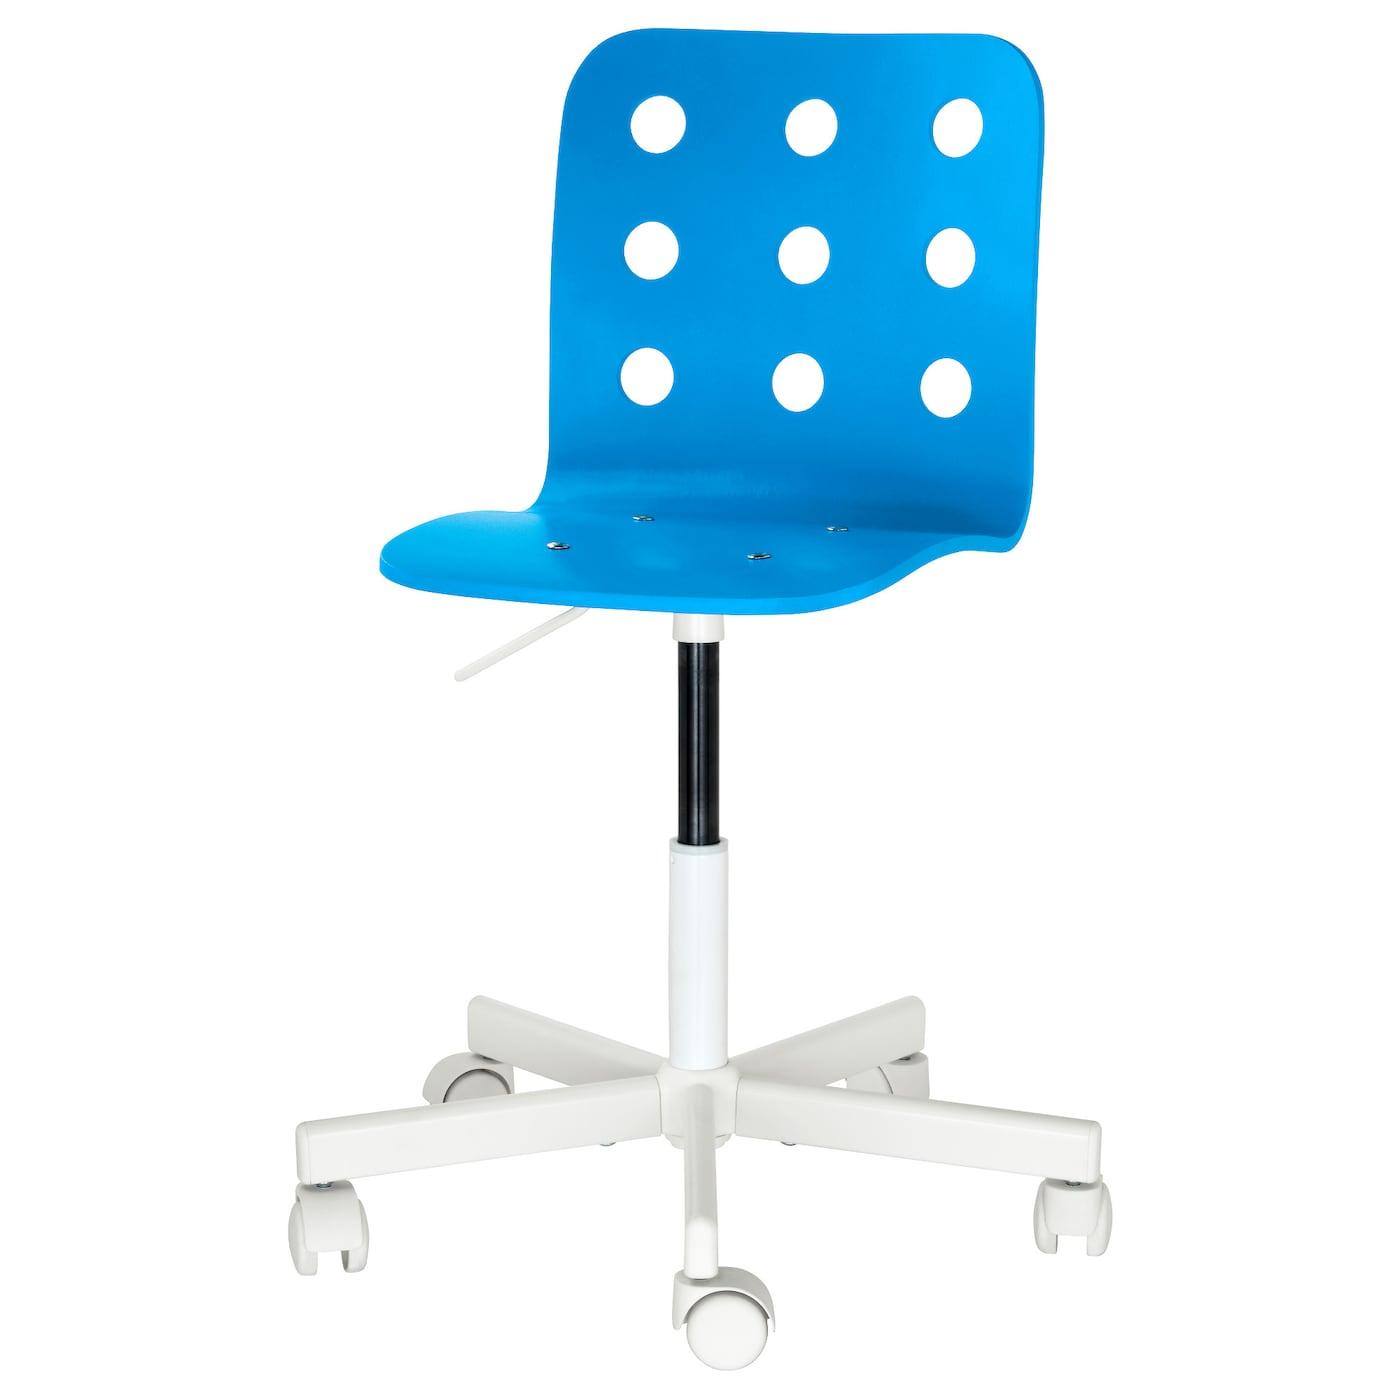 Escritorios Y Sillas Juveniles Muebles Para Ninos Compra Online Ikea